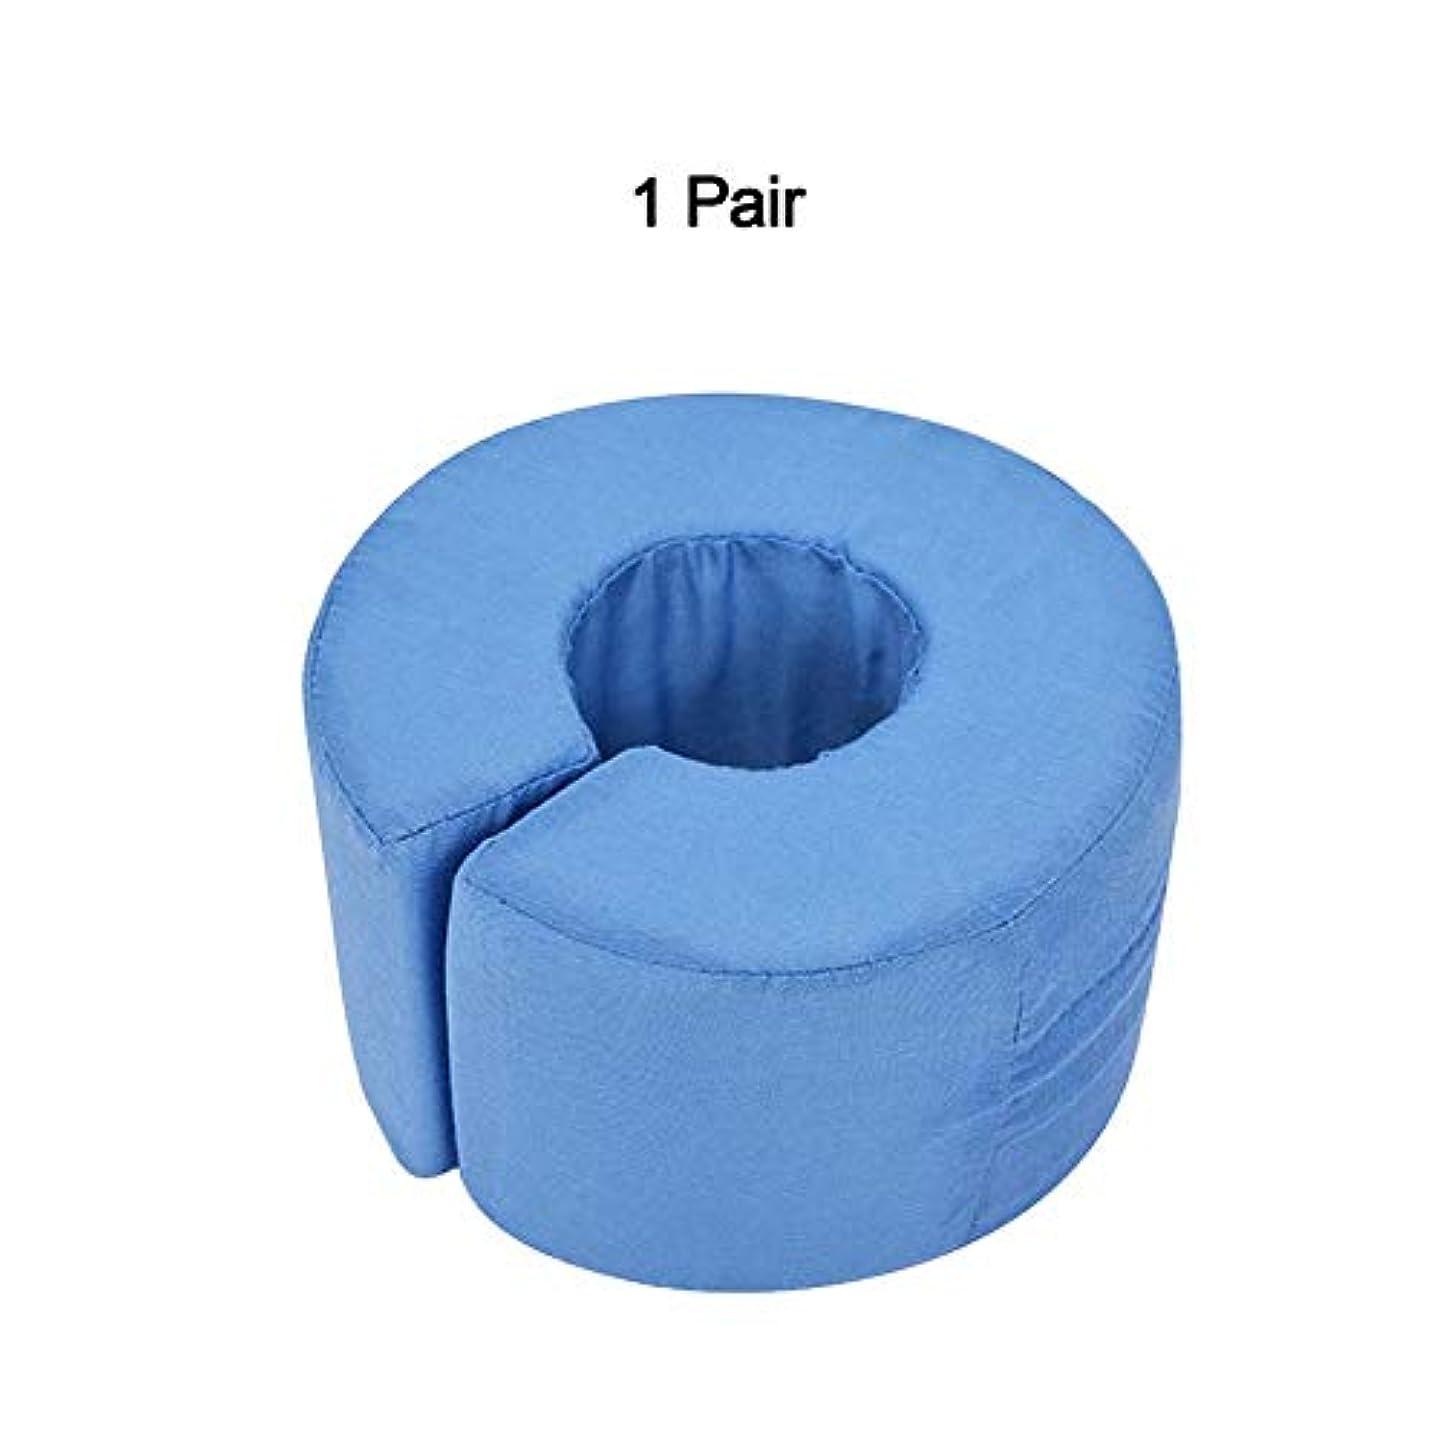 植物のホールドハグ軽量フットハンドフォームエレベータークッション、足首関節休息サポート枕、足の圧力を和らげる、1ペア,Blue